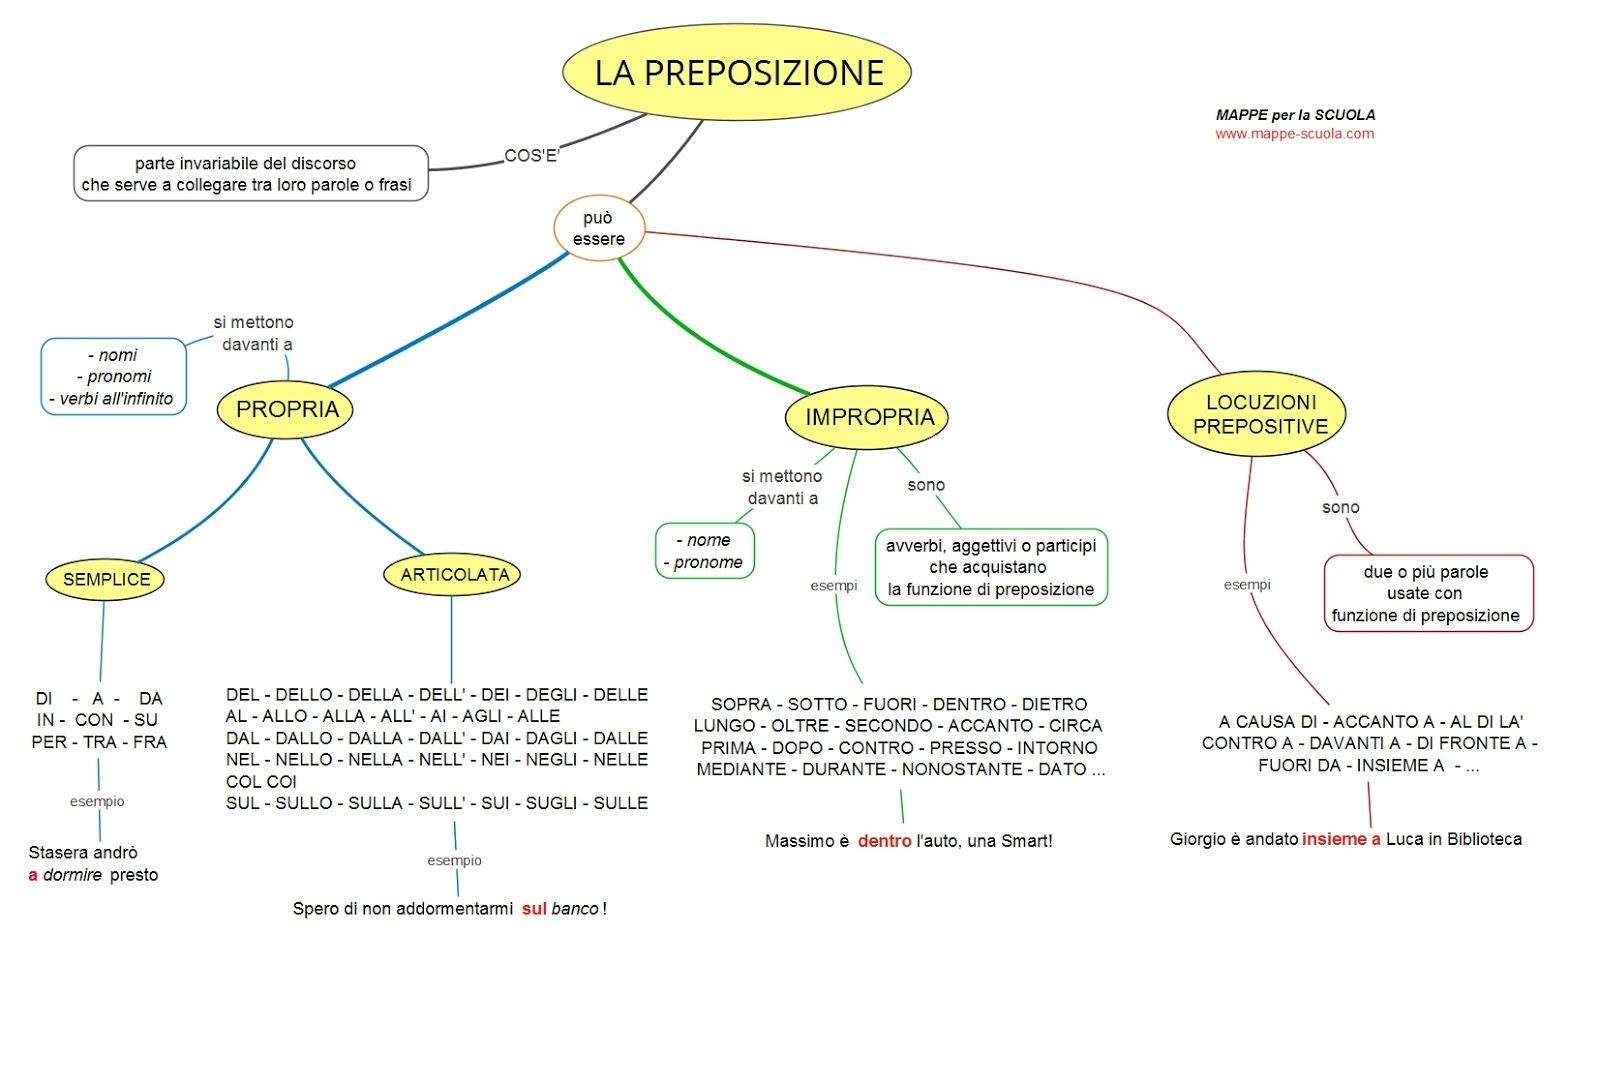 Populaire MAPPE per la SCUOLA: LA PREPOSIZIONE (grammatica) KI95